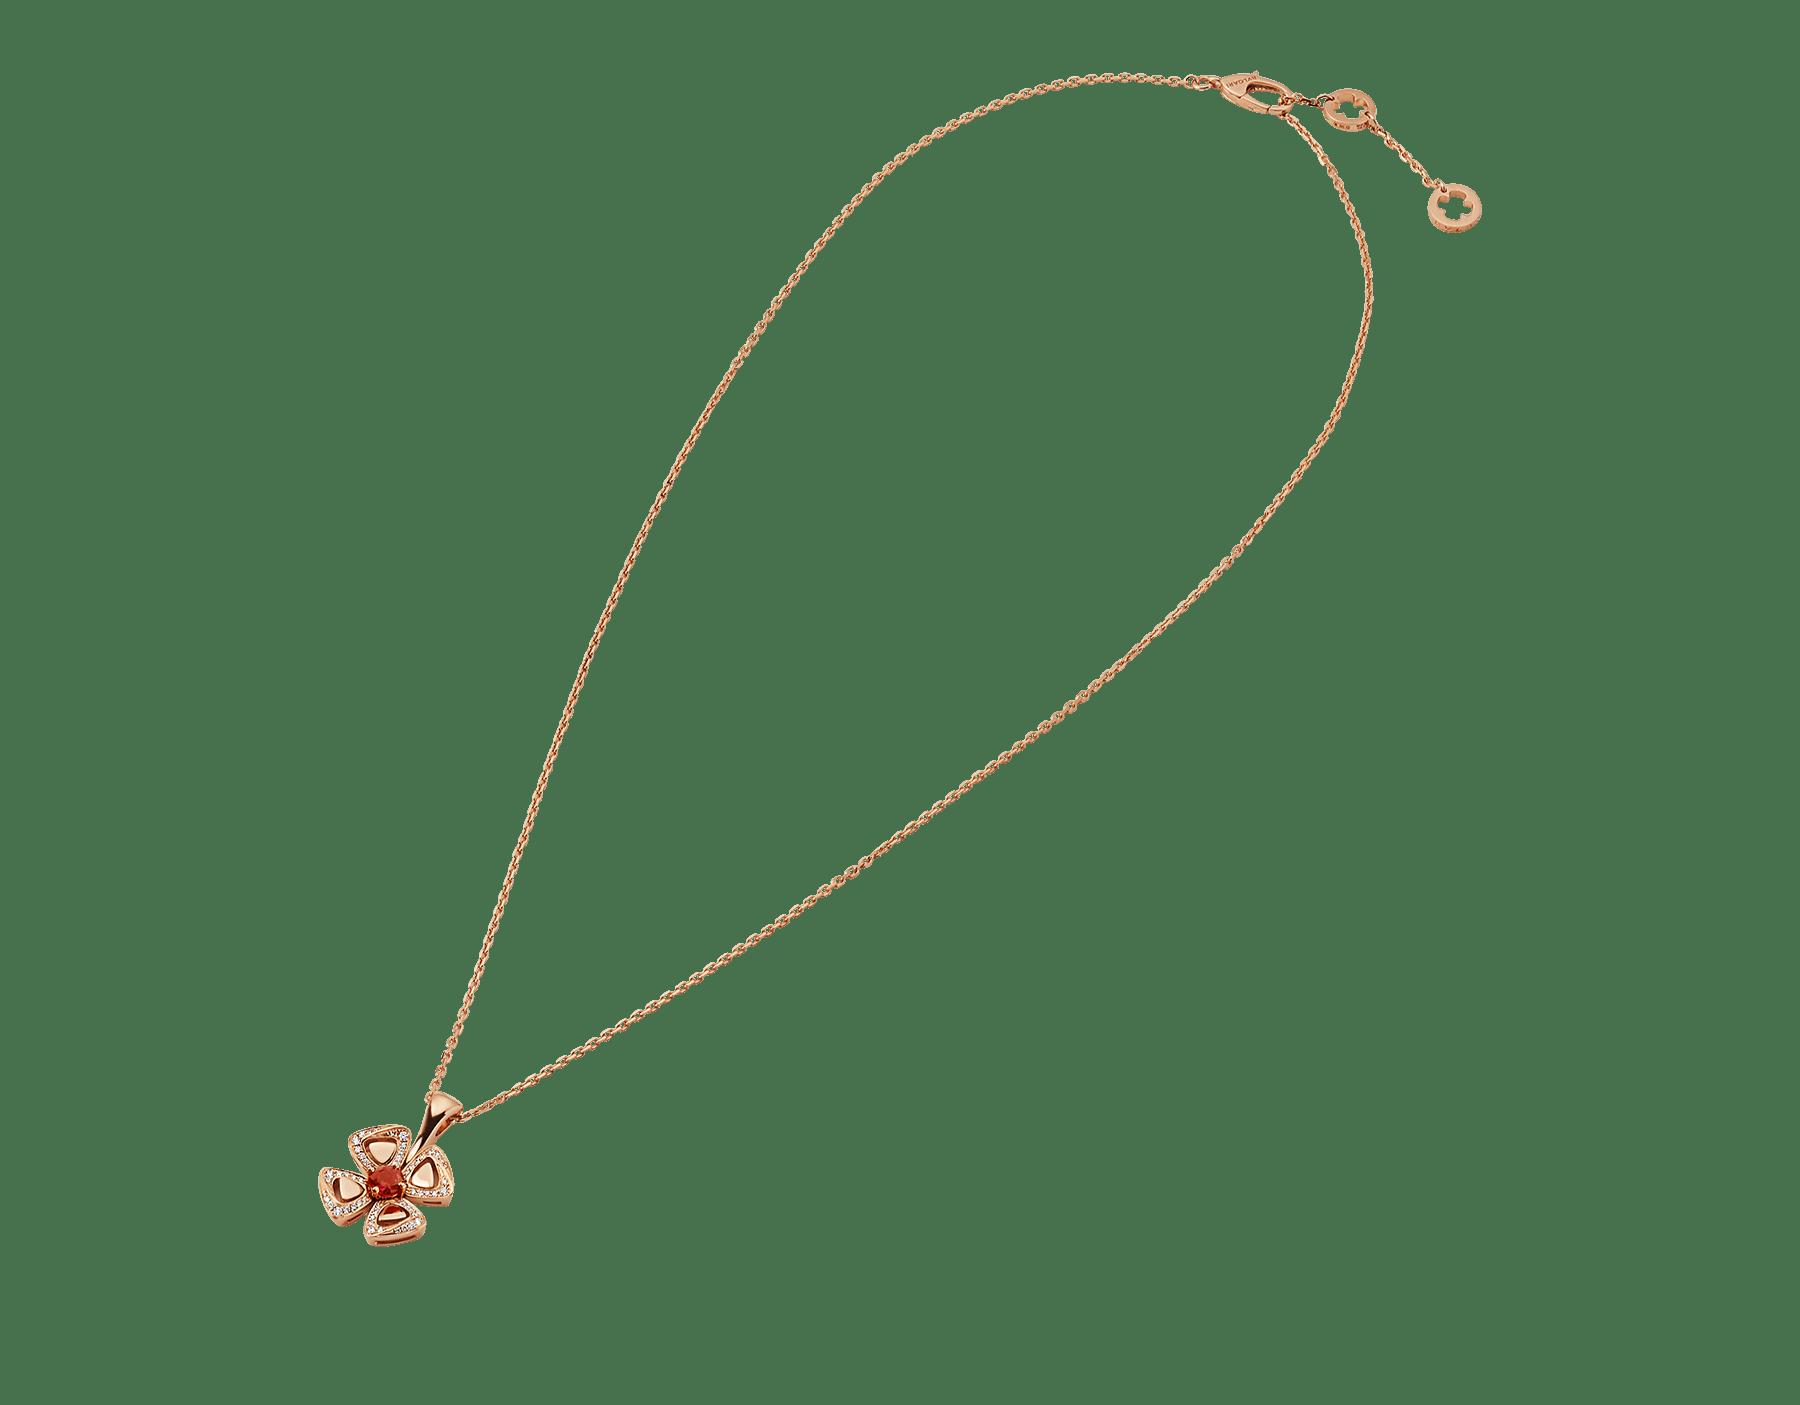 Collier Fiorever en or rose 18K serti d'un rubis de centre avec pavé diamants 356224 image 2